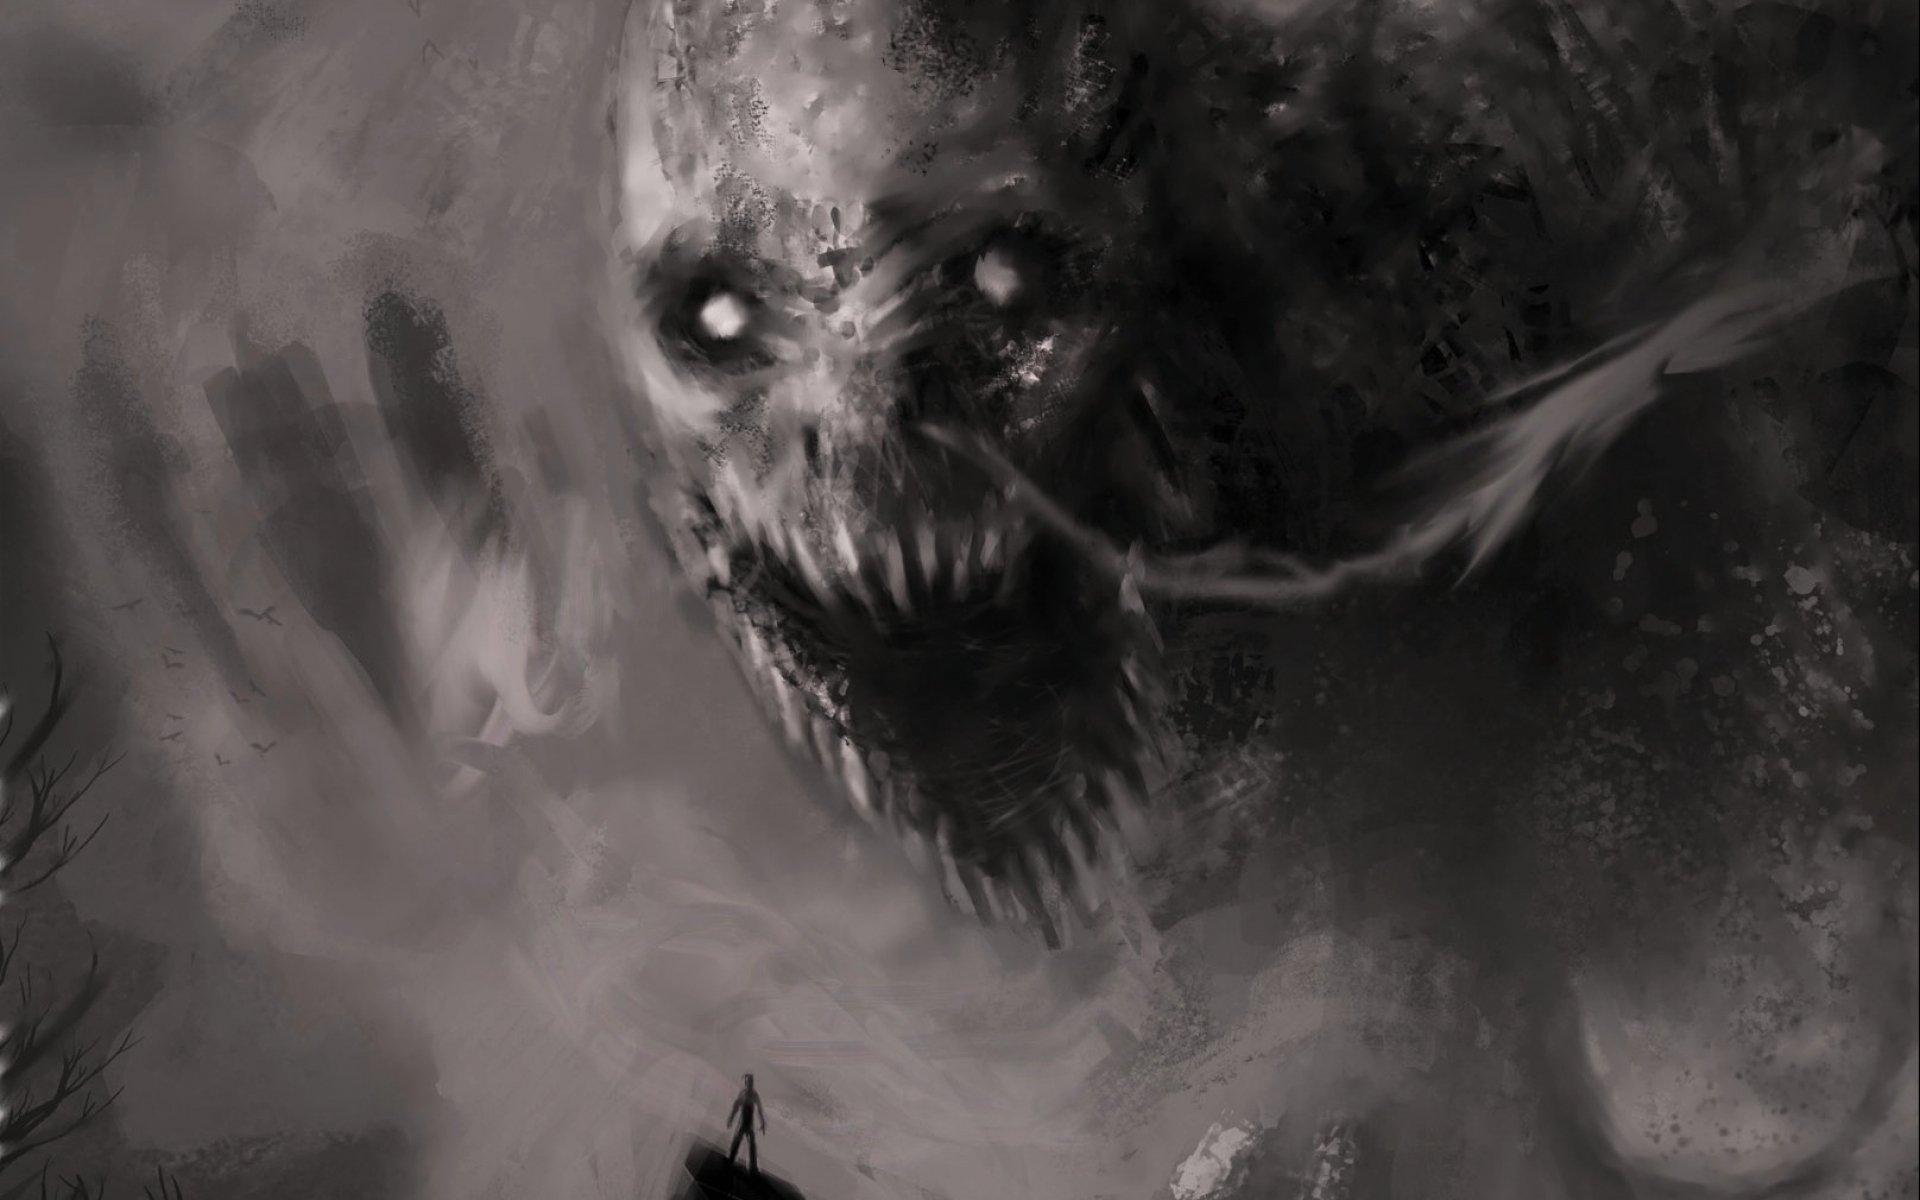 demon-evil-dark-horror-fantasy-monster-art-artwork-wallpaper-3